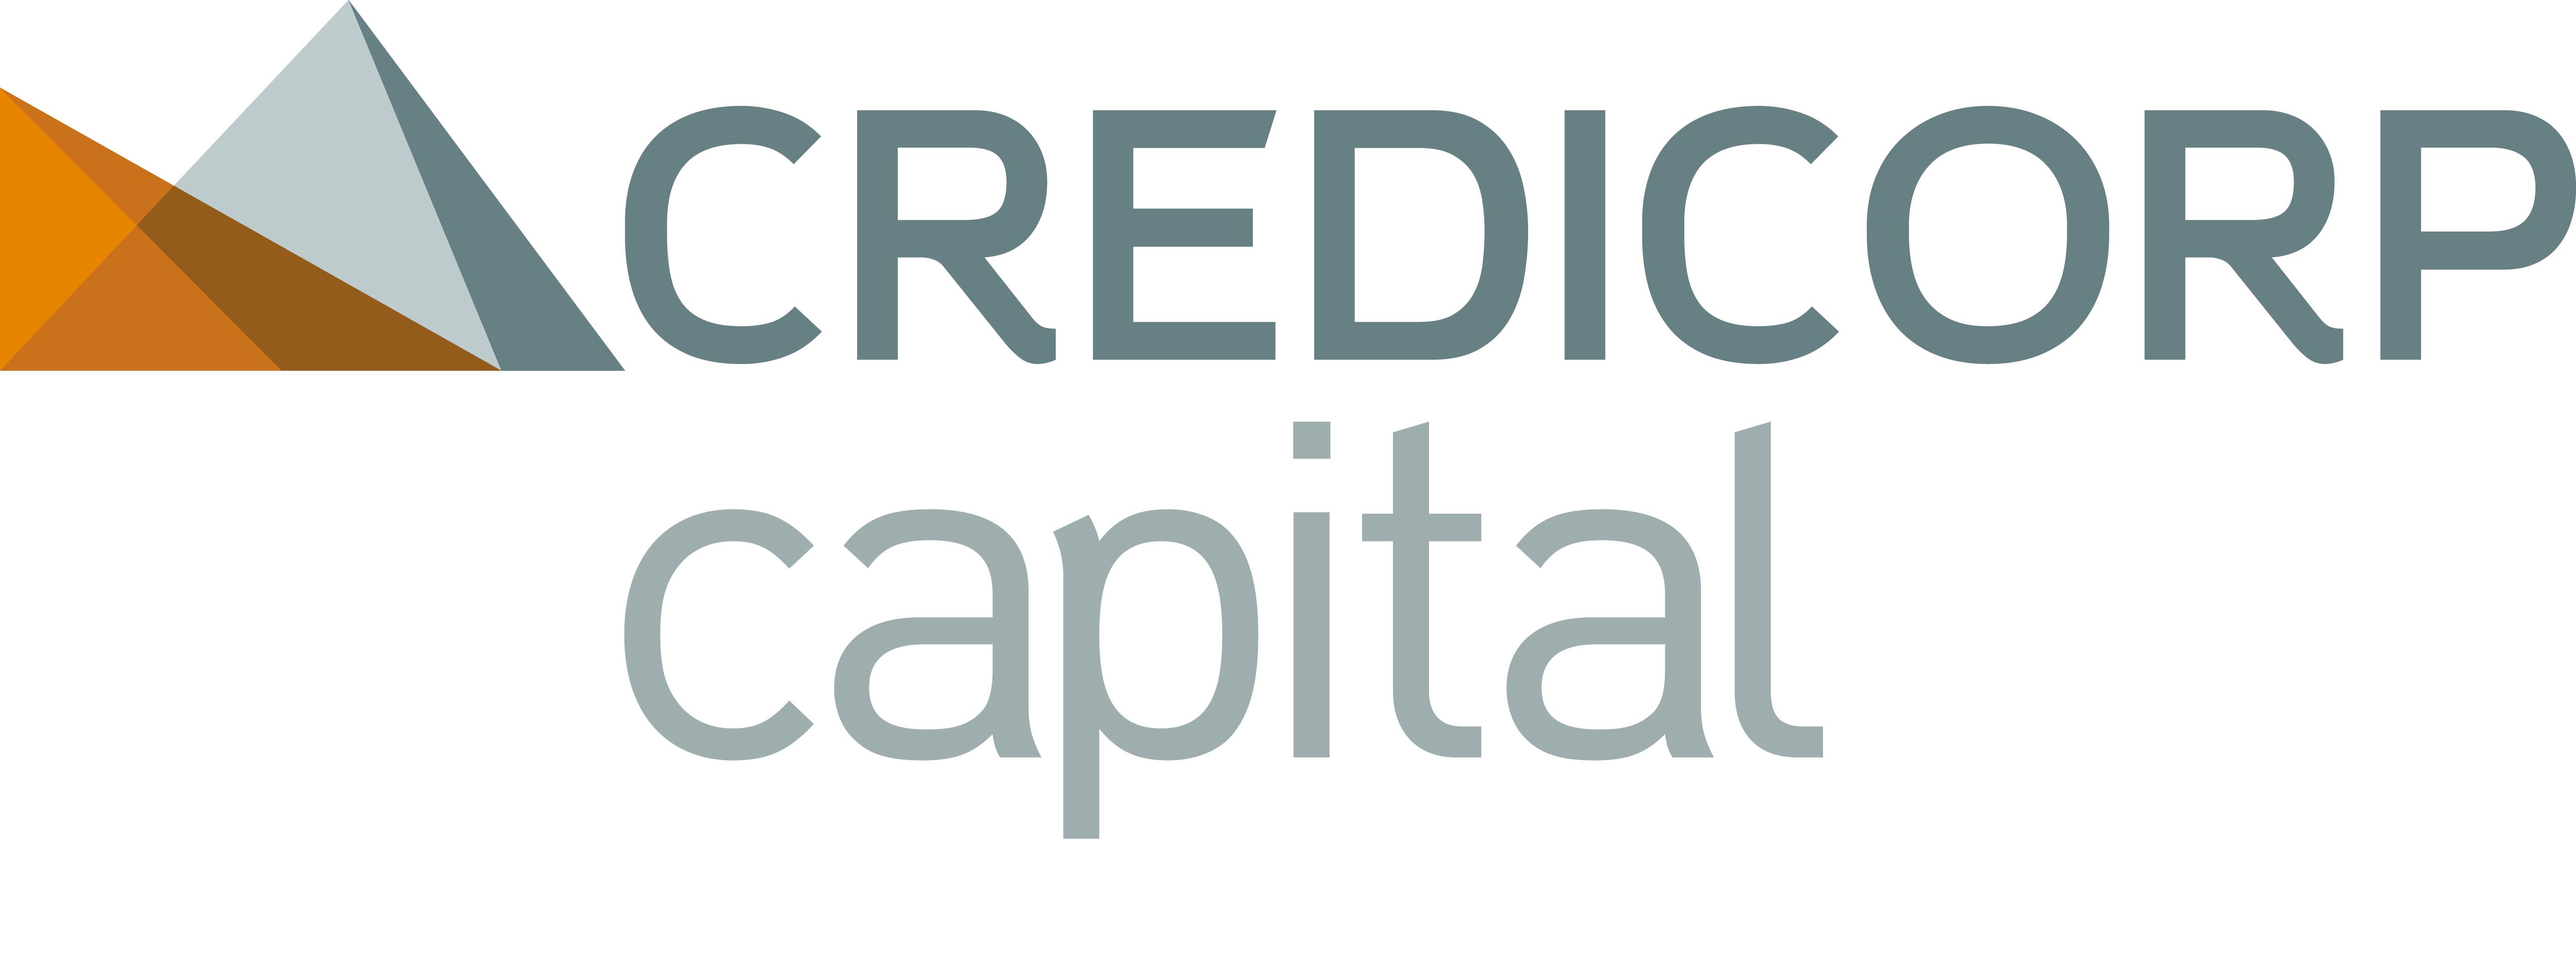 Credicorp Capital Corredores de bolsa: comisiones y deposito minimo